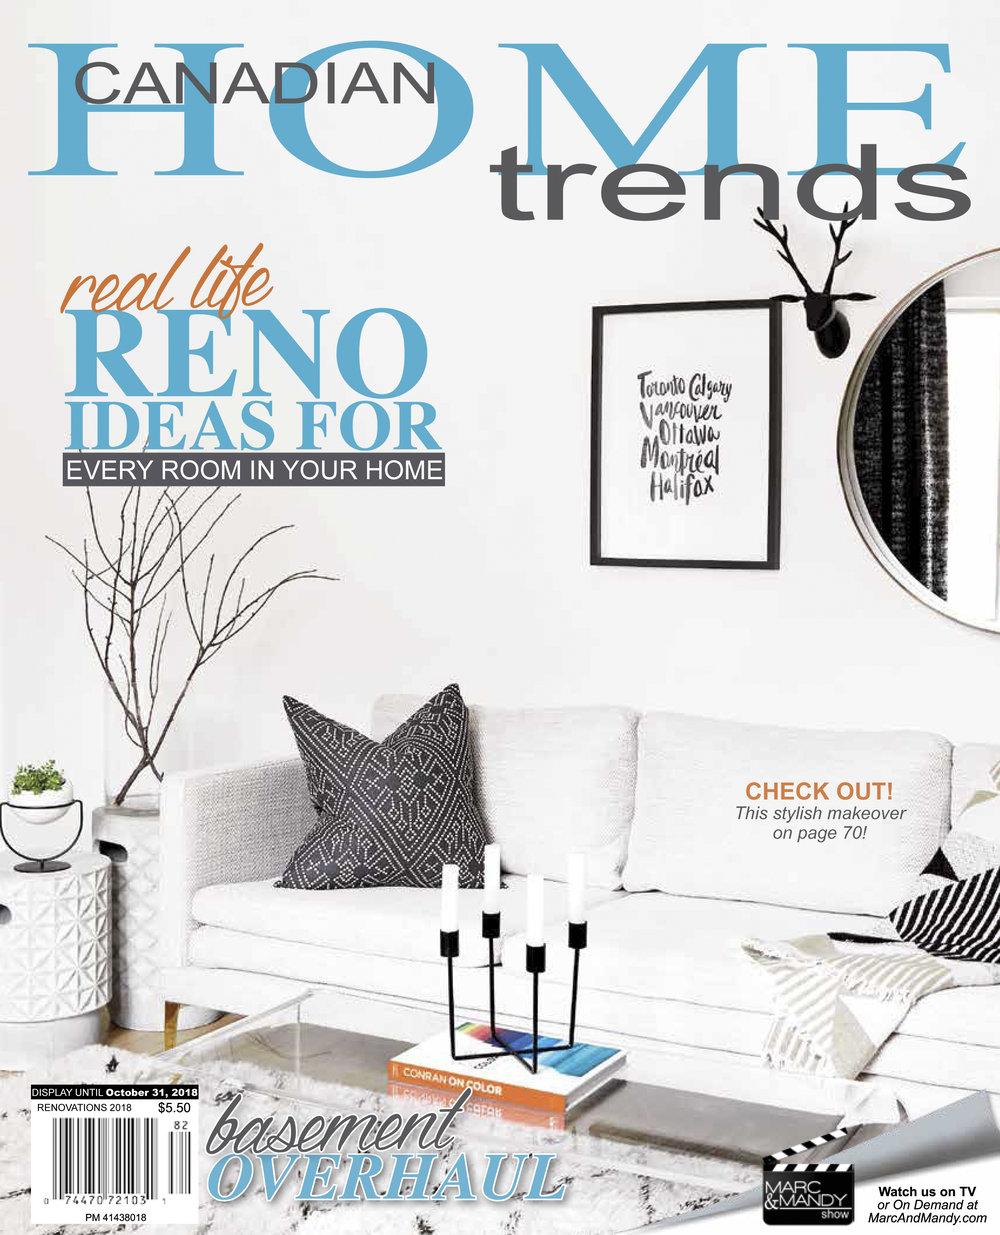 HomeTrends-Reno2018-Oct31-Cover.jpg